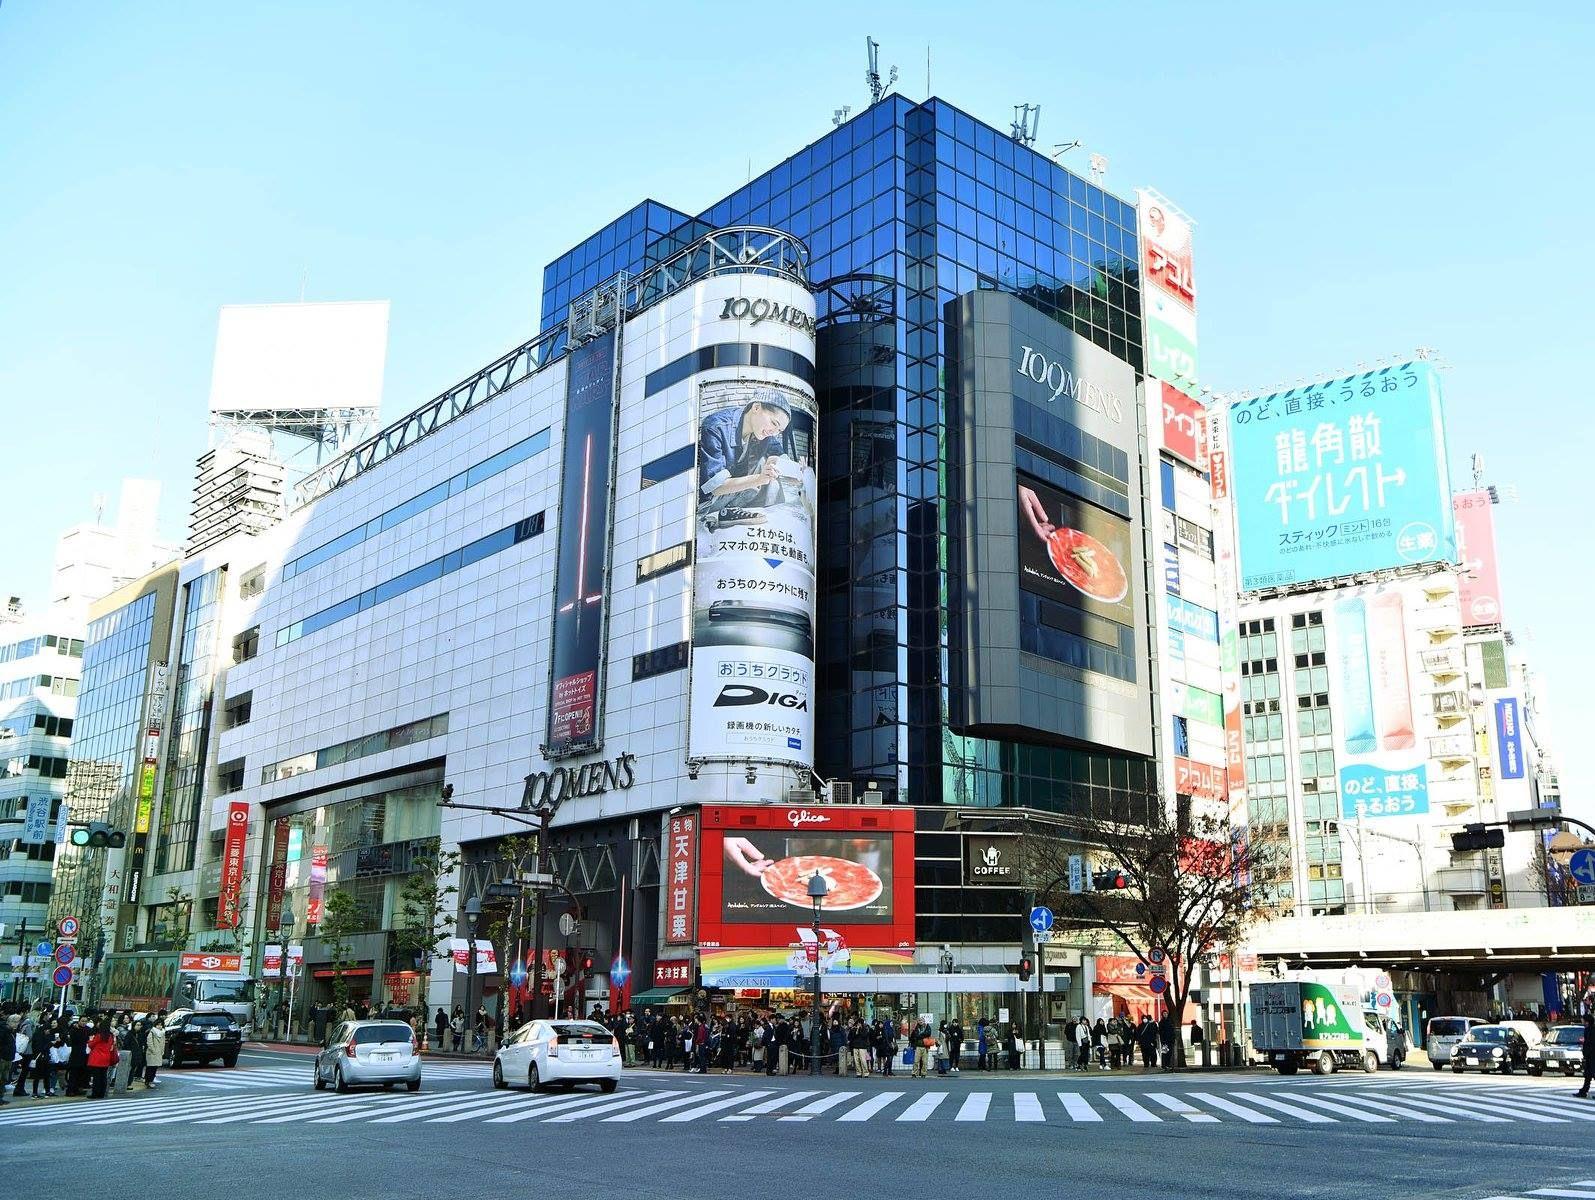 Shibuya mens fashion department store, Shibuya 109 MENS #japankuru #shibuya #fashion #109mens #tokyo #東京 #渋谷 #ファッション #ショッピング